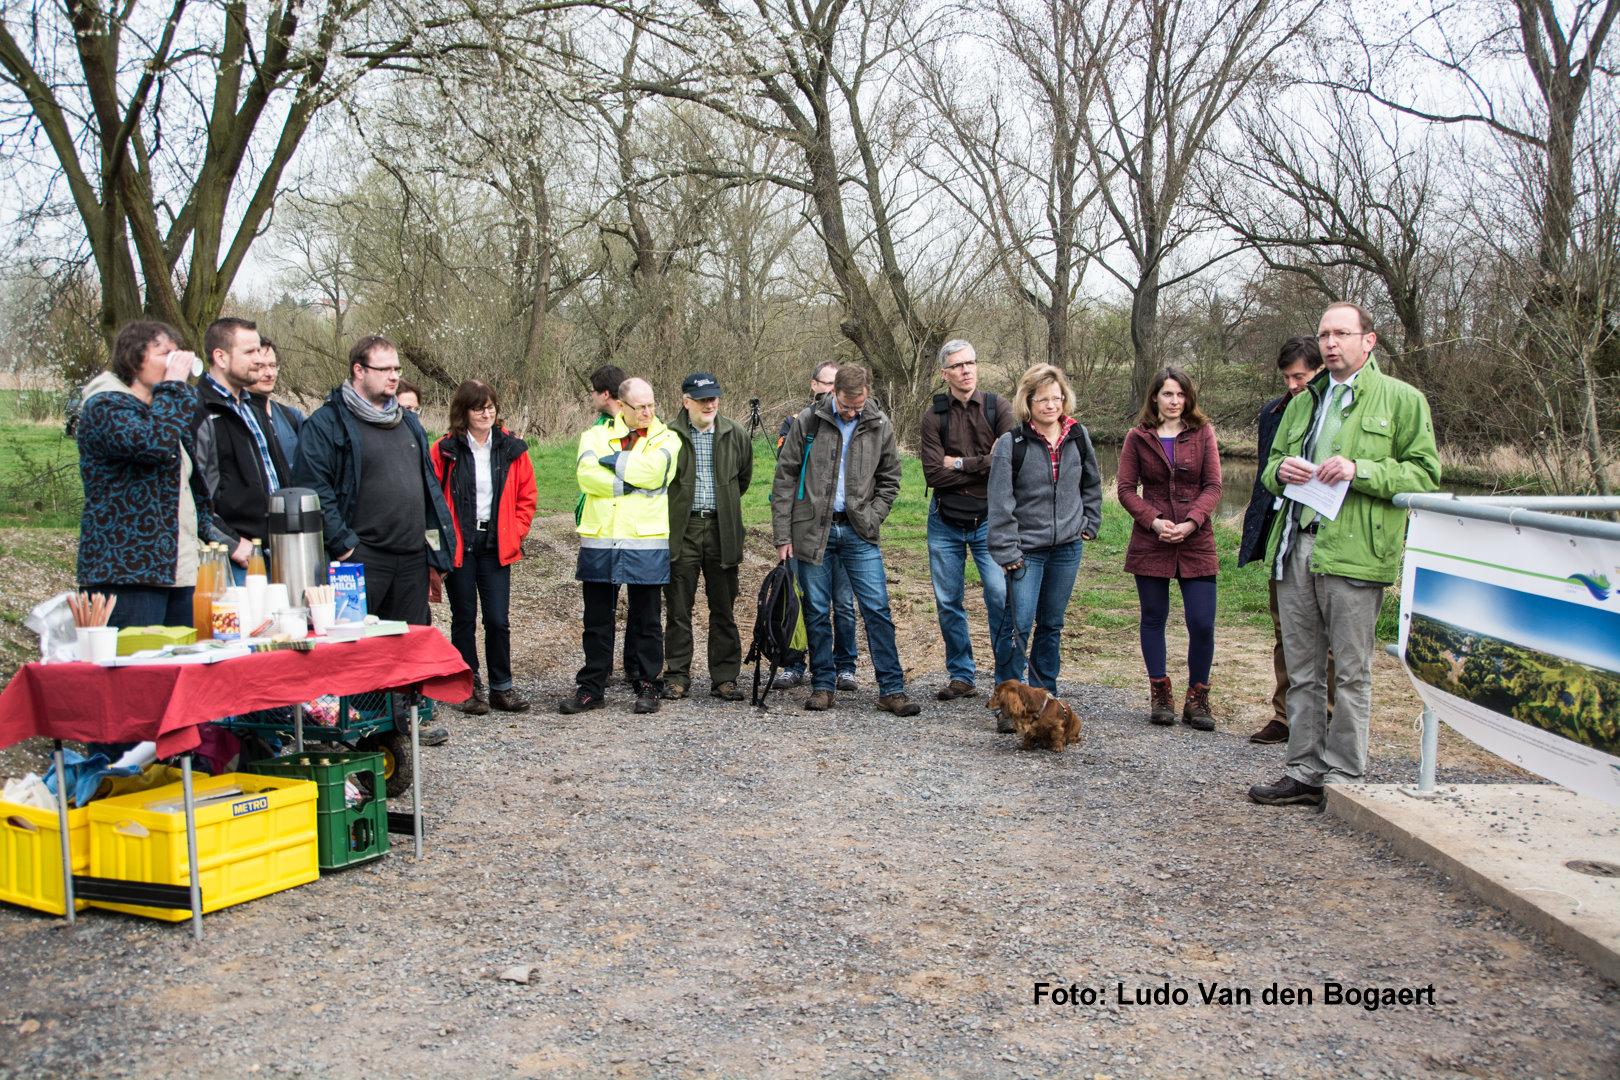 Matthias Herbert vom Bundesamt für Naturschutz würdigte das Leipziger und Schkeuditzer Auensystem als besonderen Hotspot der Biodiversität.